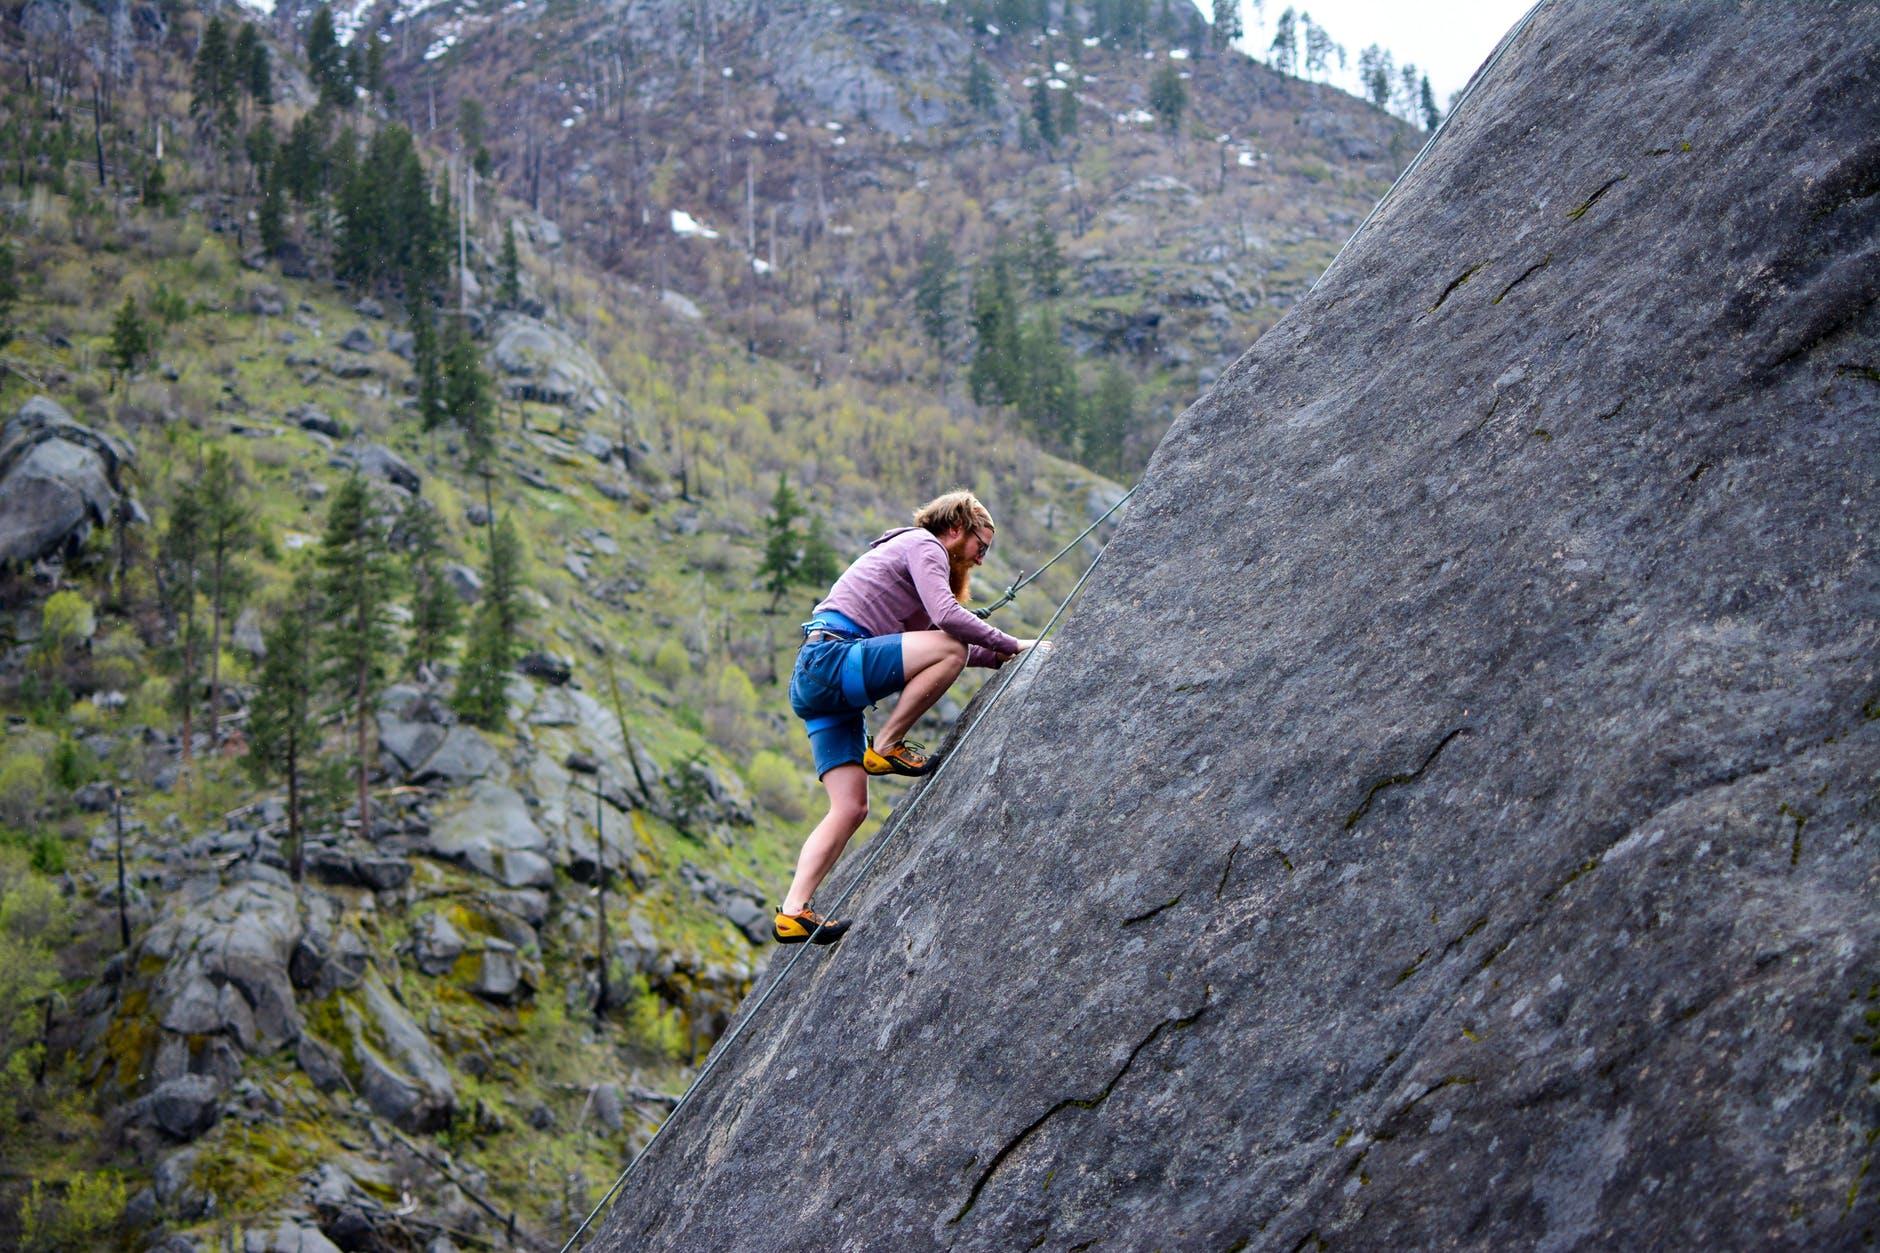 Homem escalando uma pedra